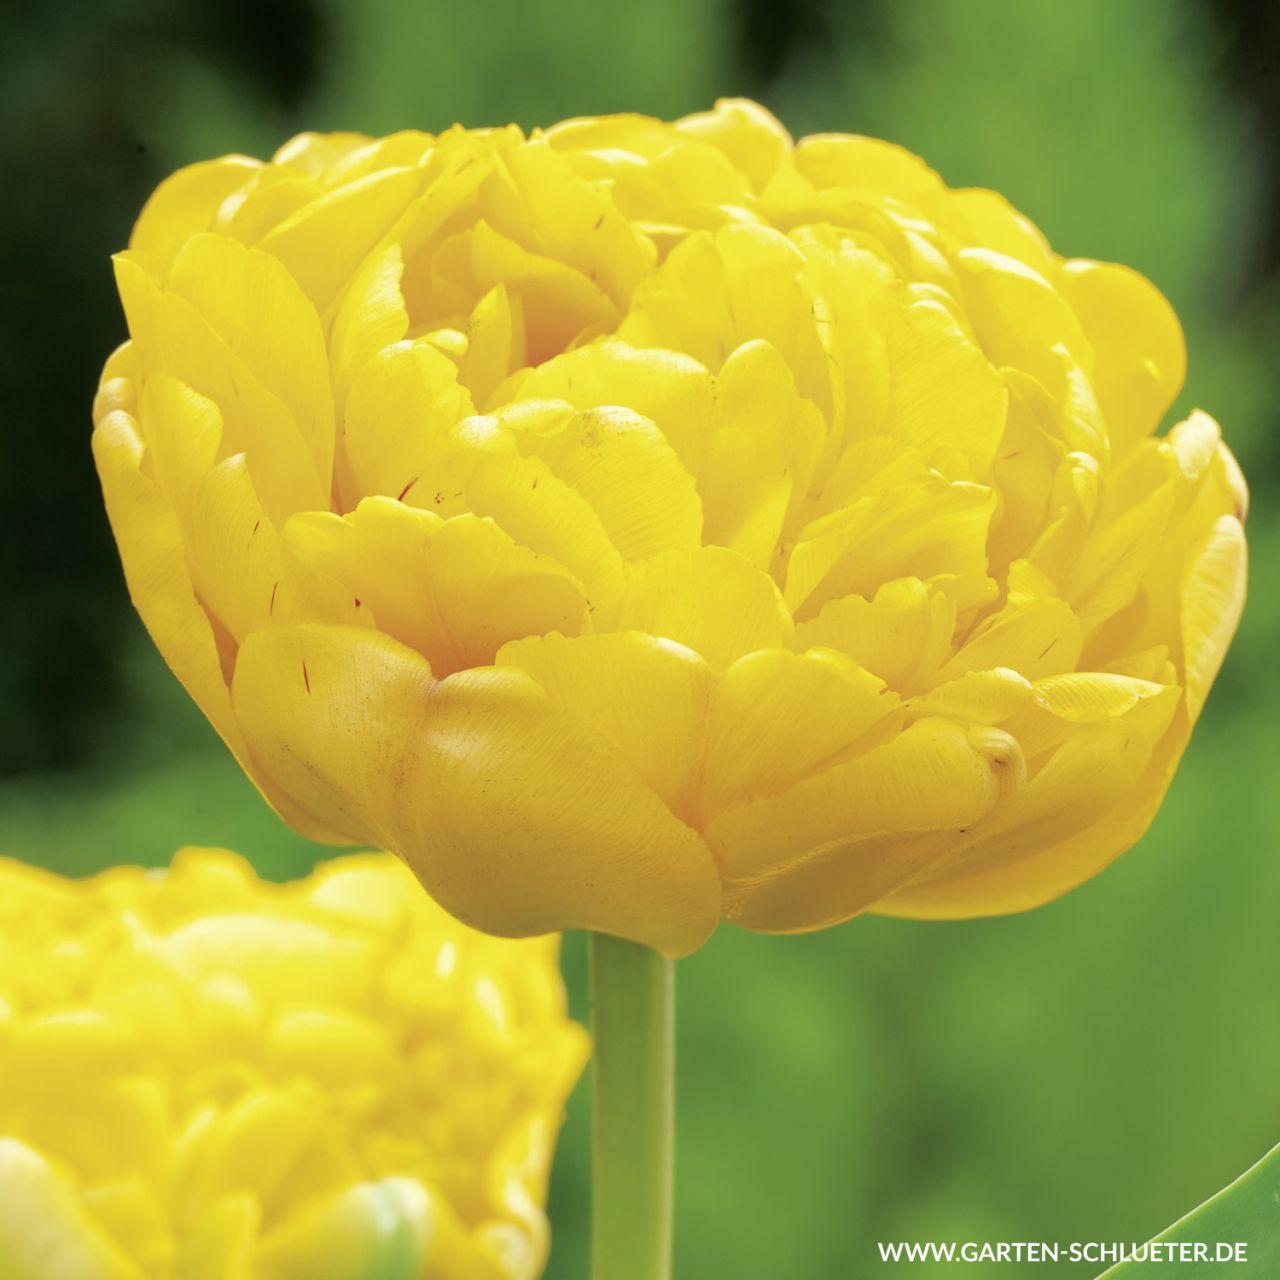 Garten-Schlueter.de: Tulpe Yellow Pompenette - 7 Stück